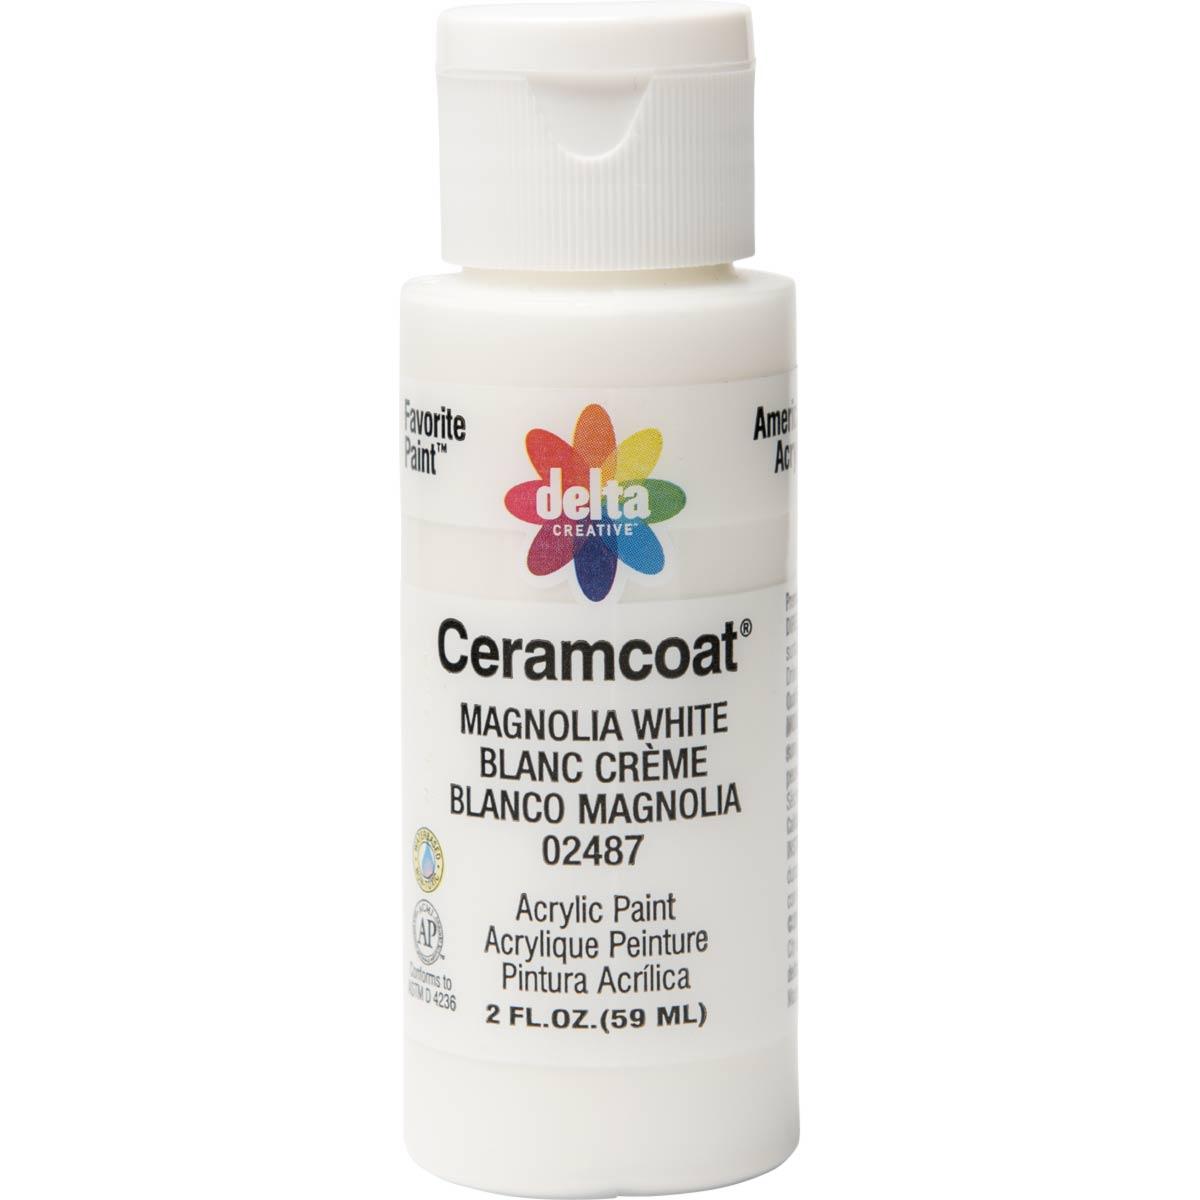 Delta Ceramcoat ® Acrylic Paint - Magnolia White, 2 oz.